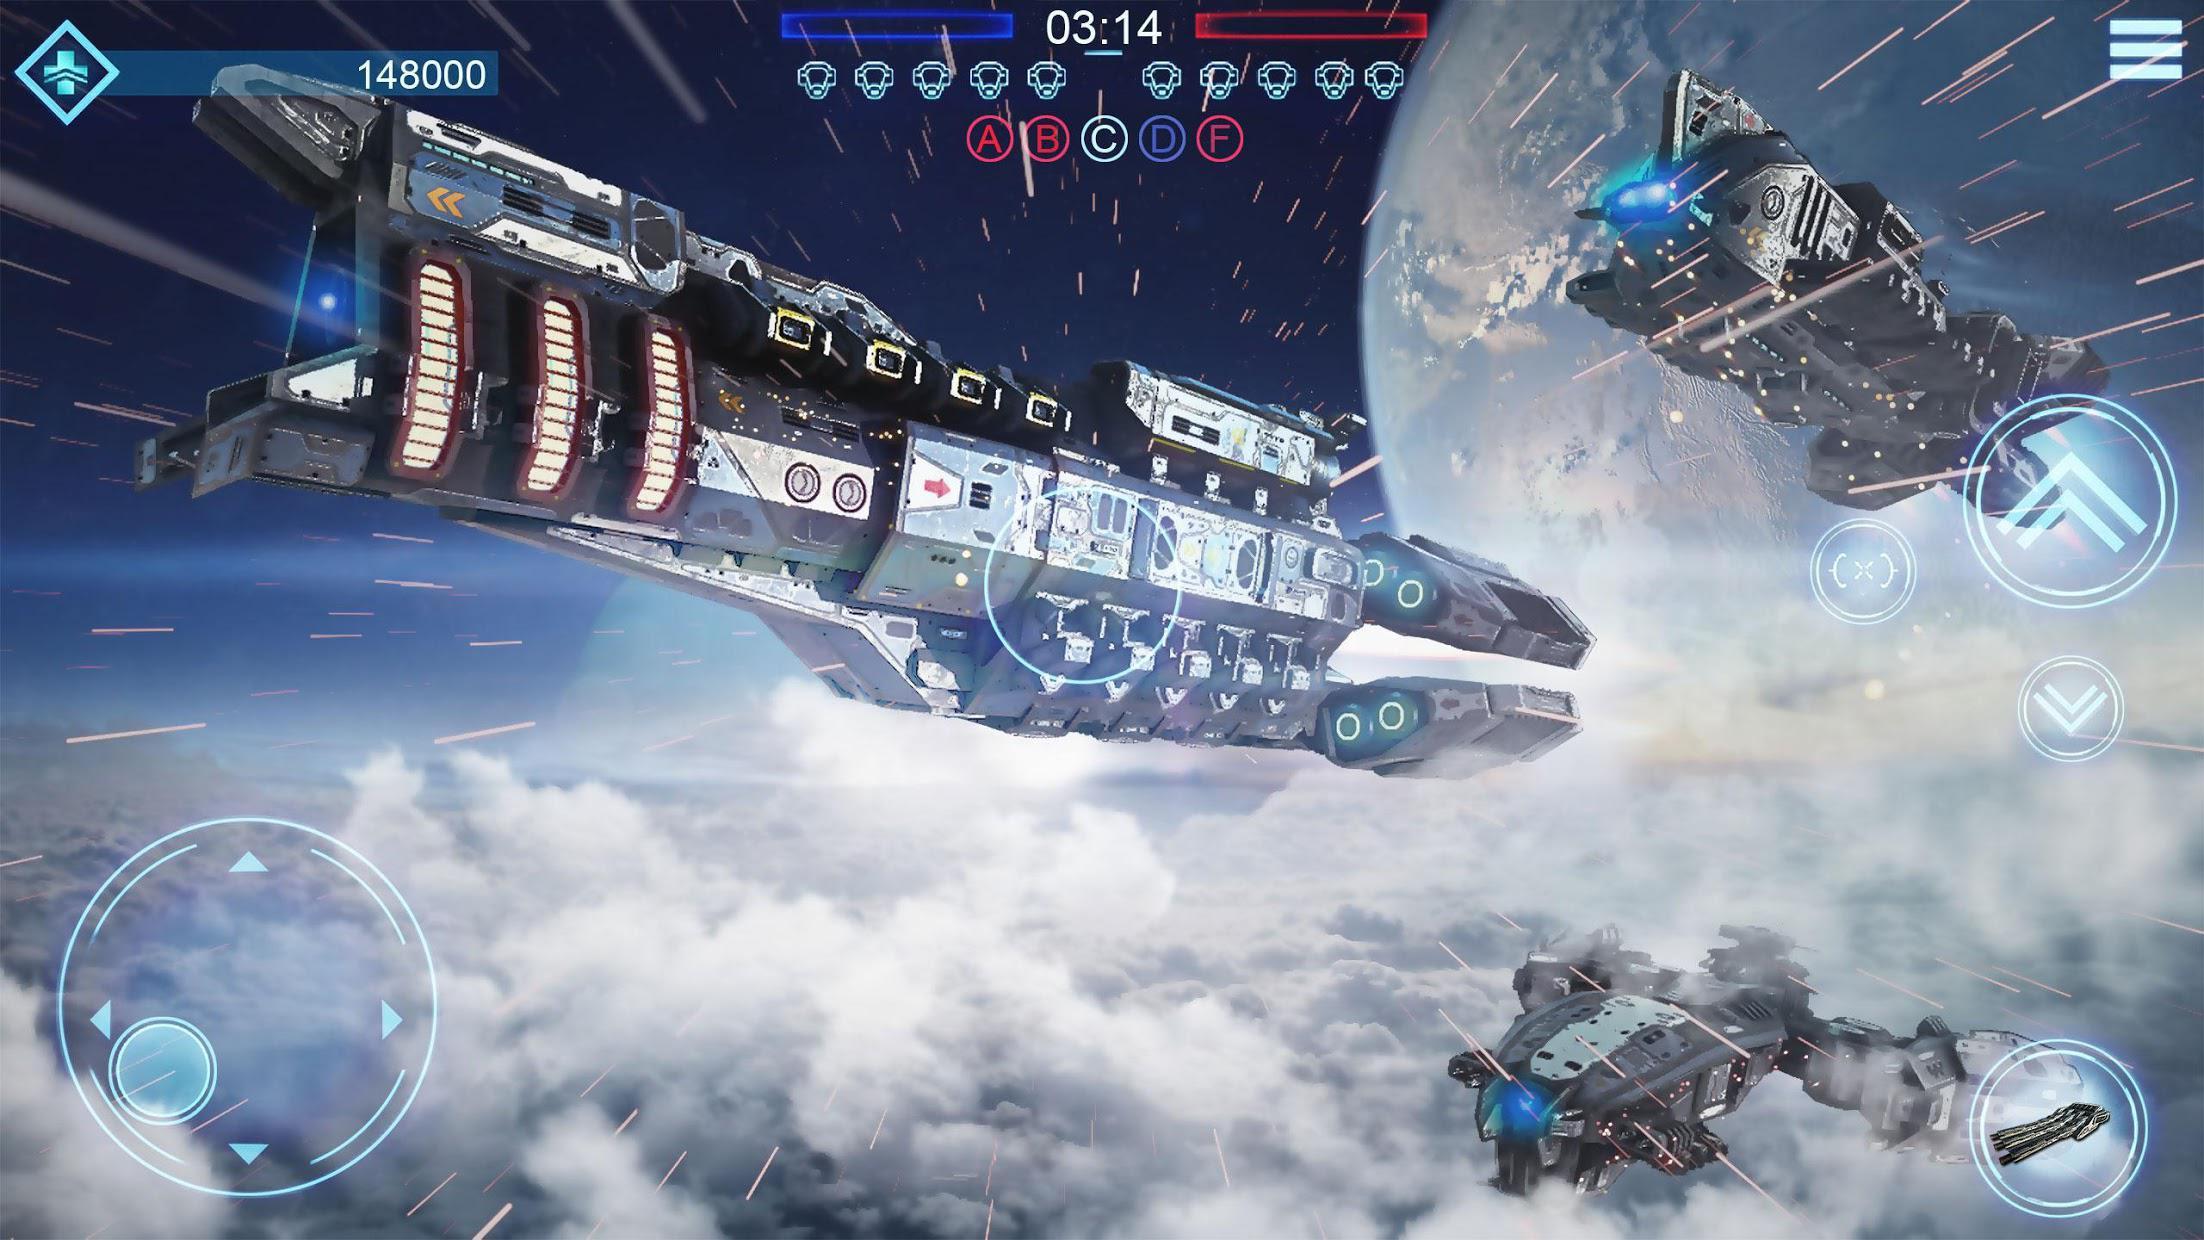 太空舰队 游戏截图2